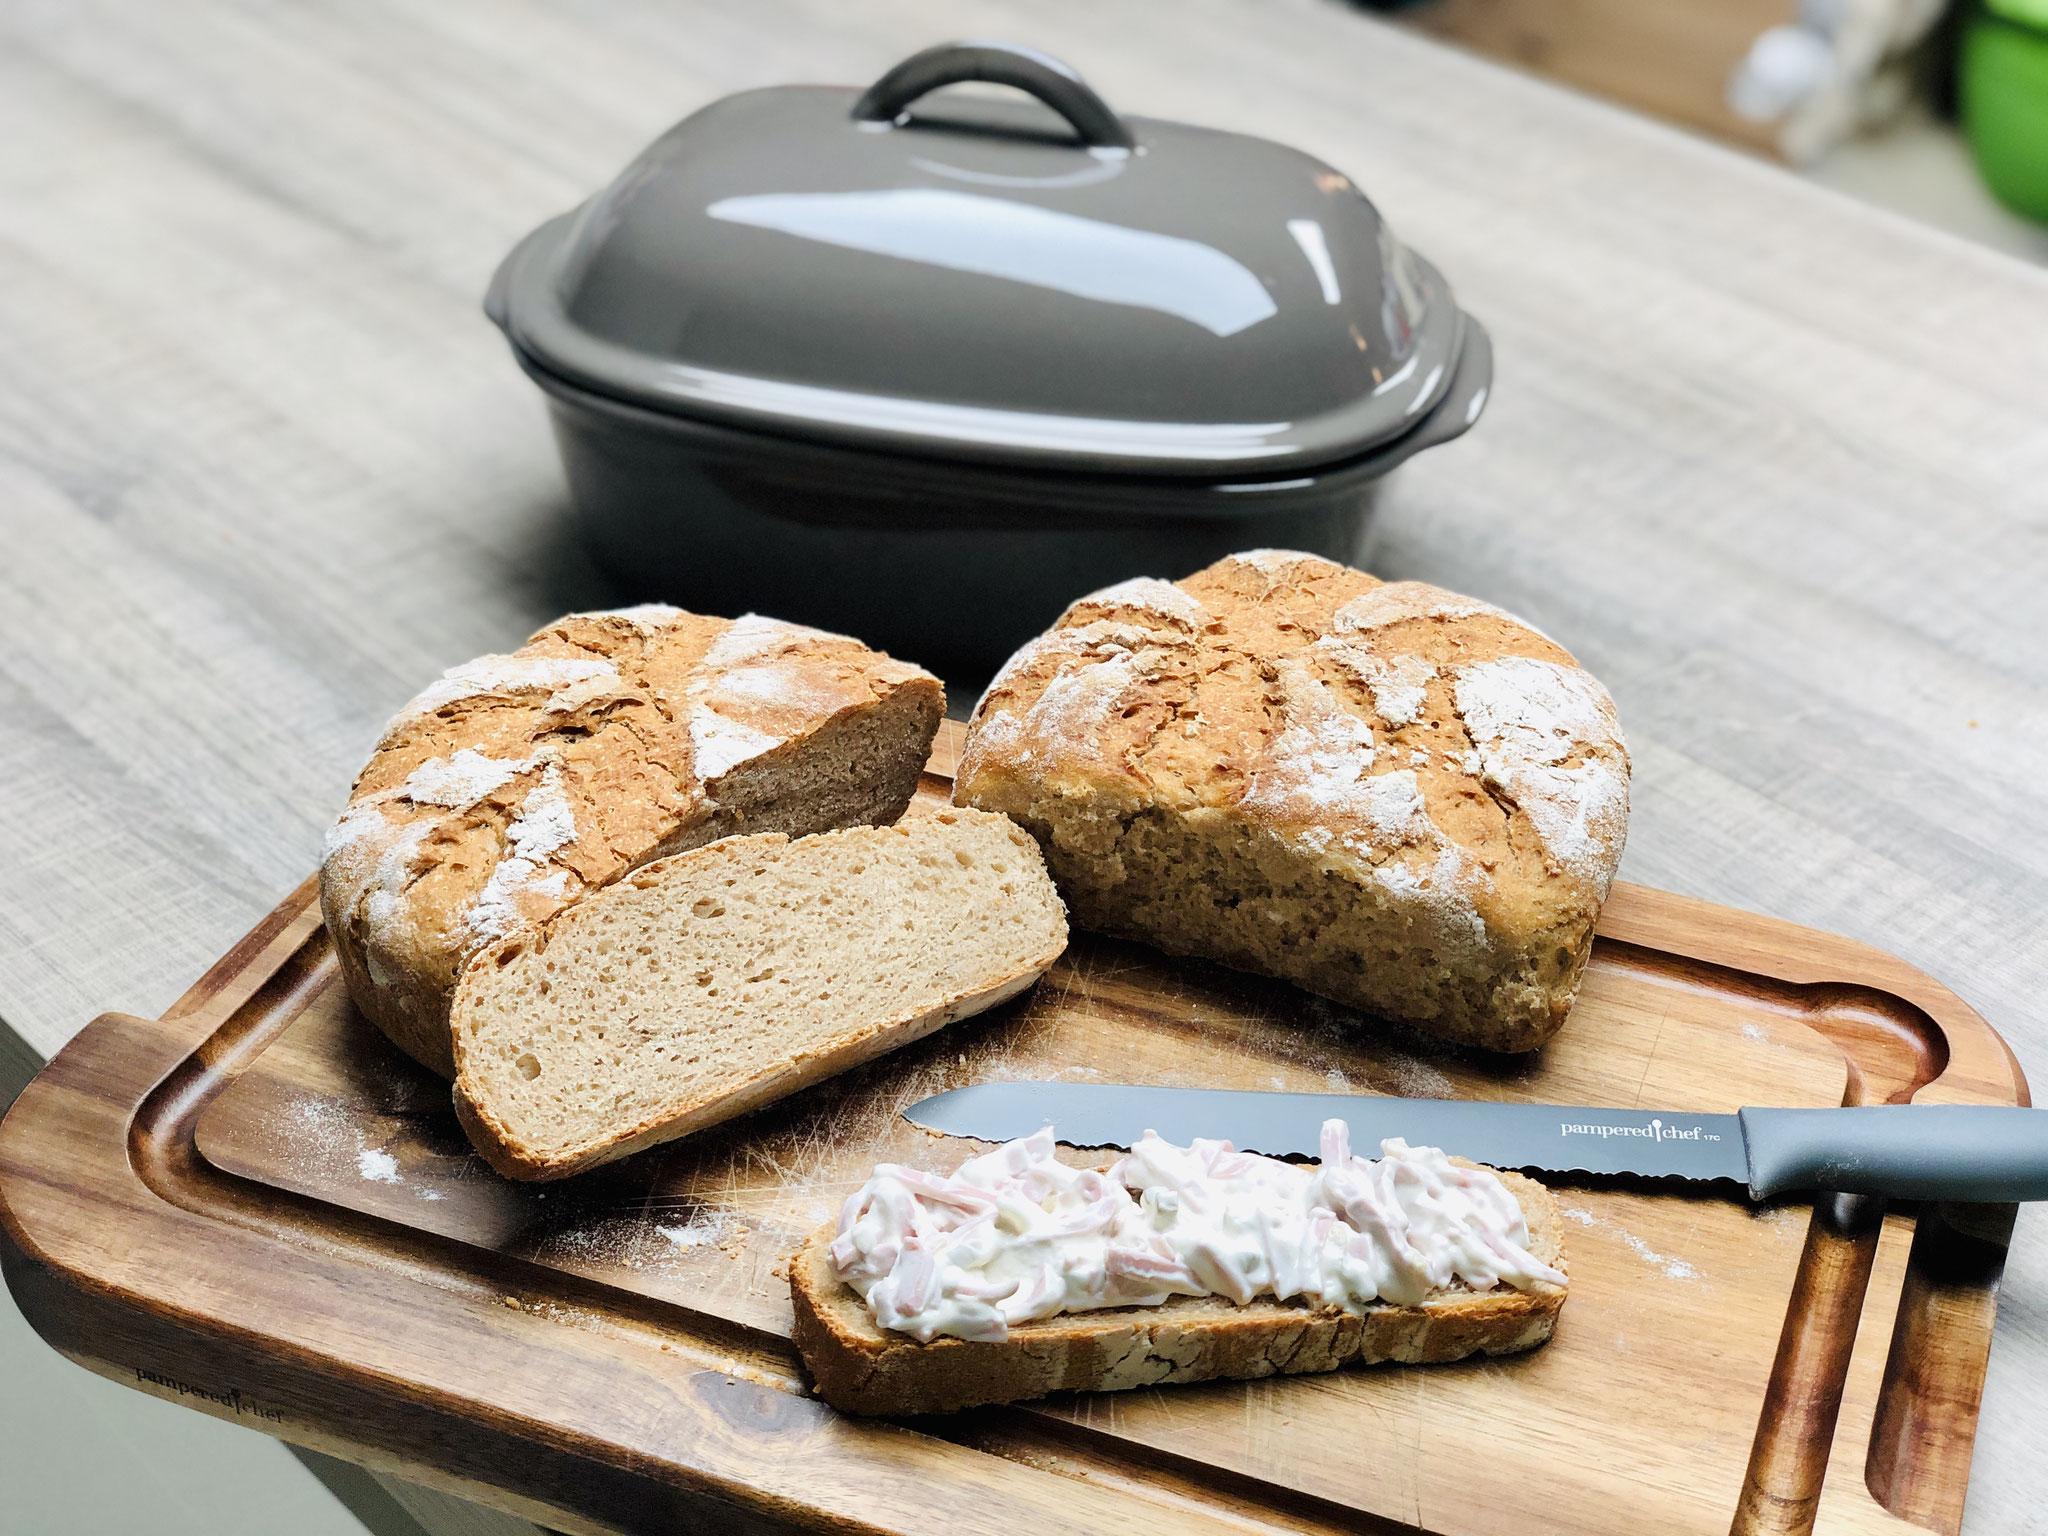 Nach dem backen im Ofenmeister sieht das Brot so aus. Ich liebe die Stoneware, da ich darin Steinbackofenbrote backen kann ♥